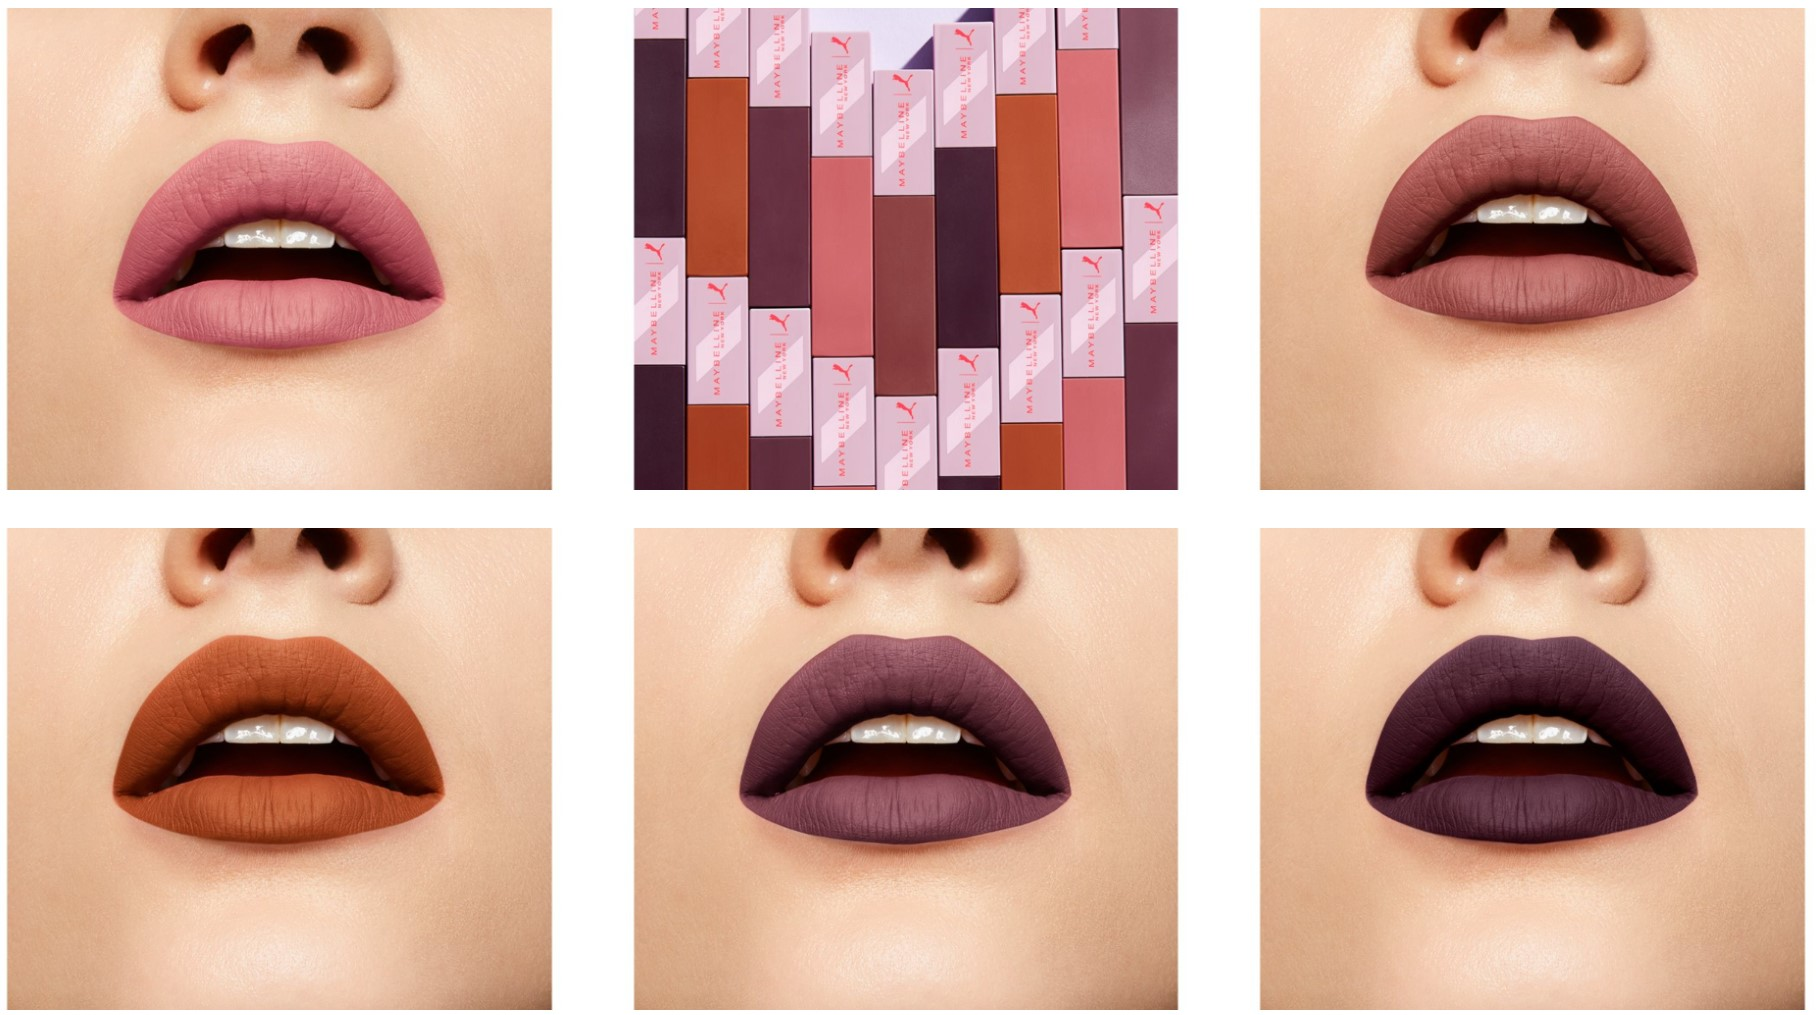 puma_x_maybelline_lipstick_blogozine.jpg